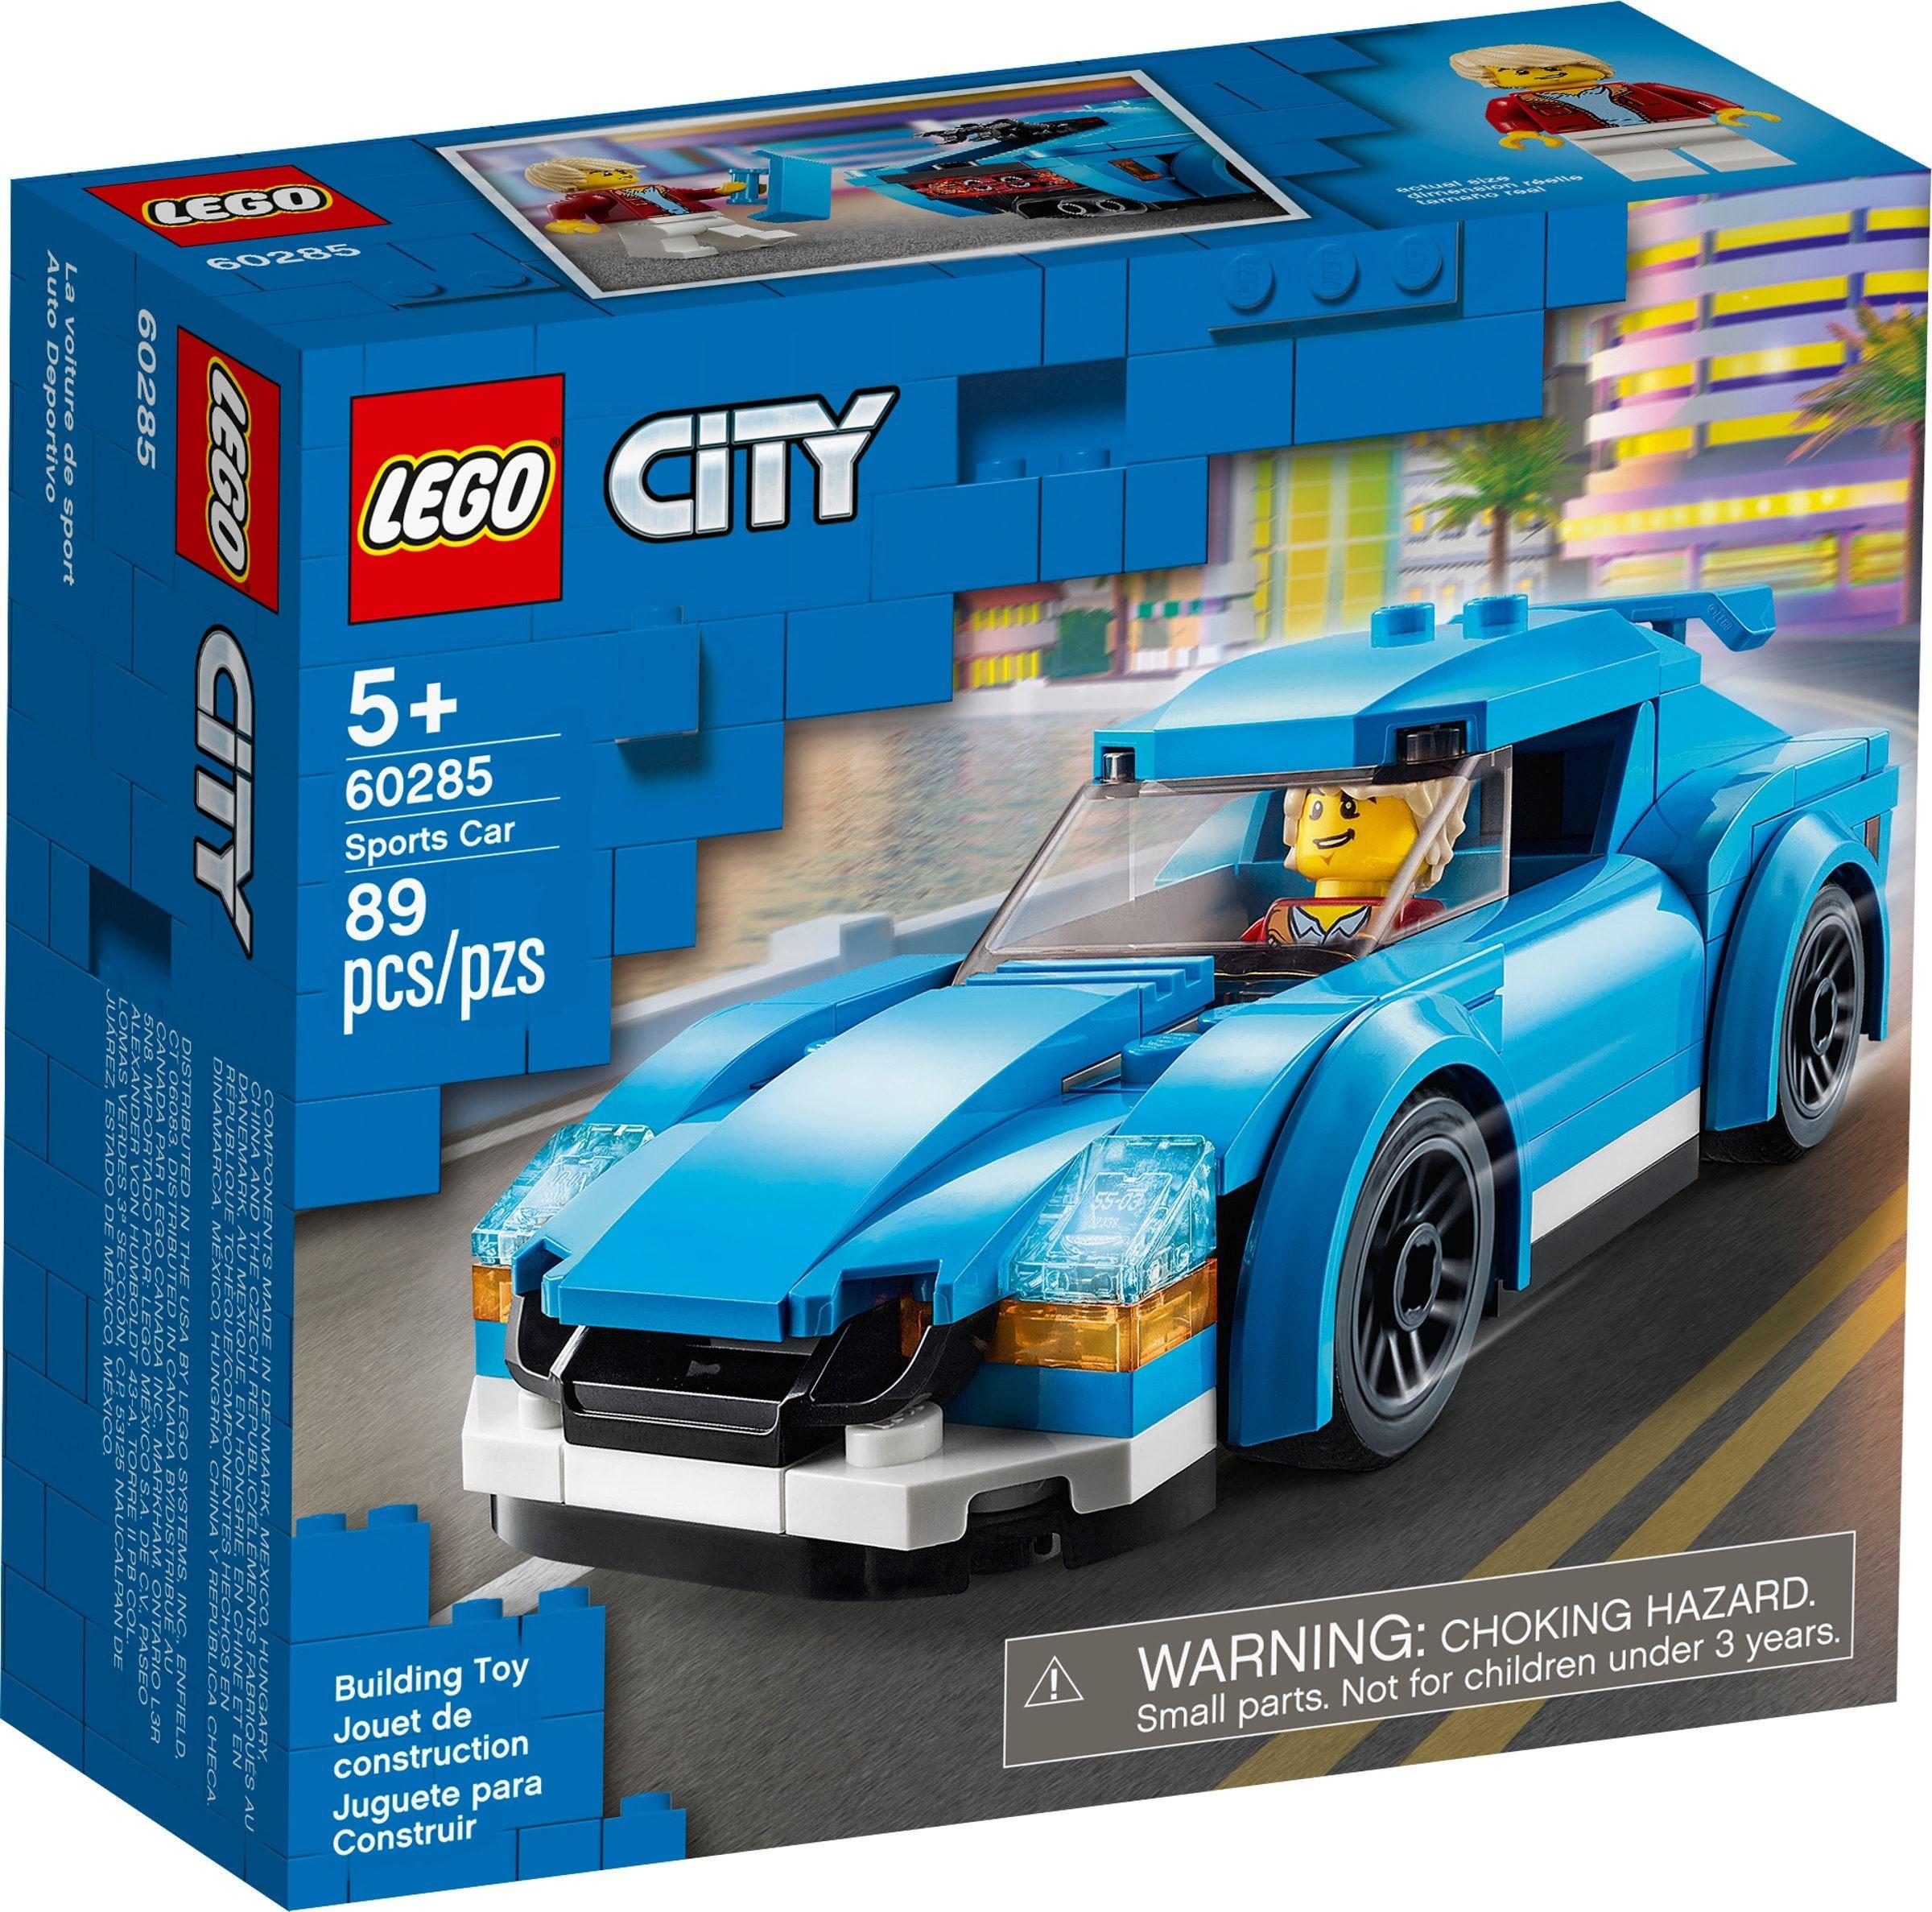 LEGO City - Sports Car (60285)